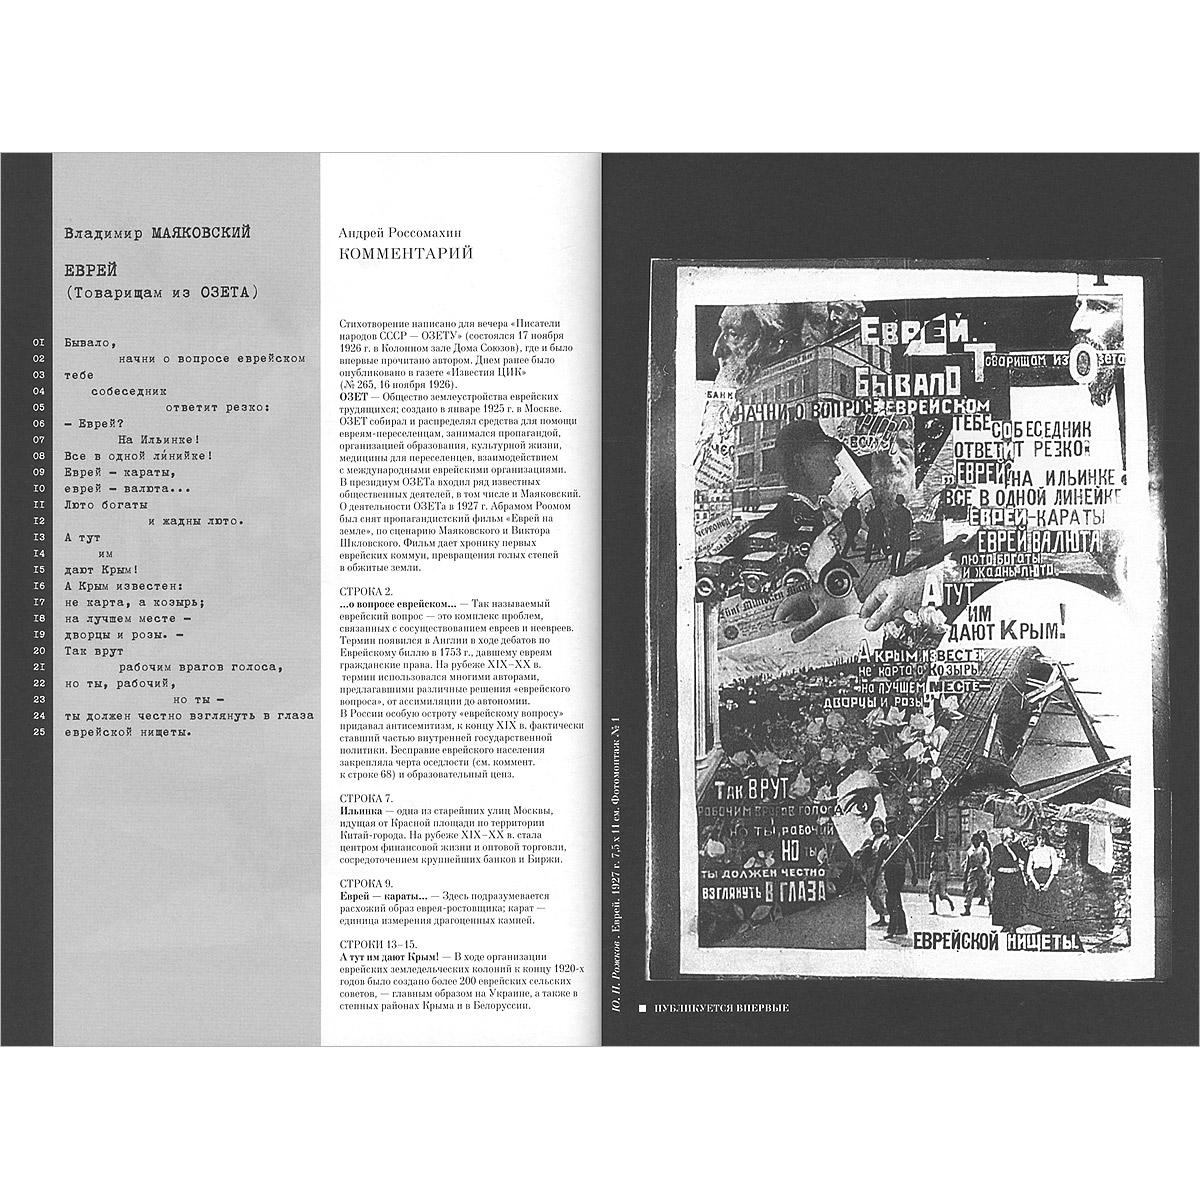 Фотомонтажный цикл Юрия Рожкова к поэме Владимира Маяковского